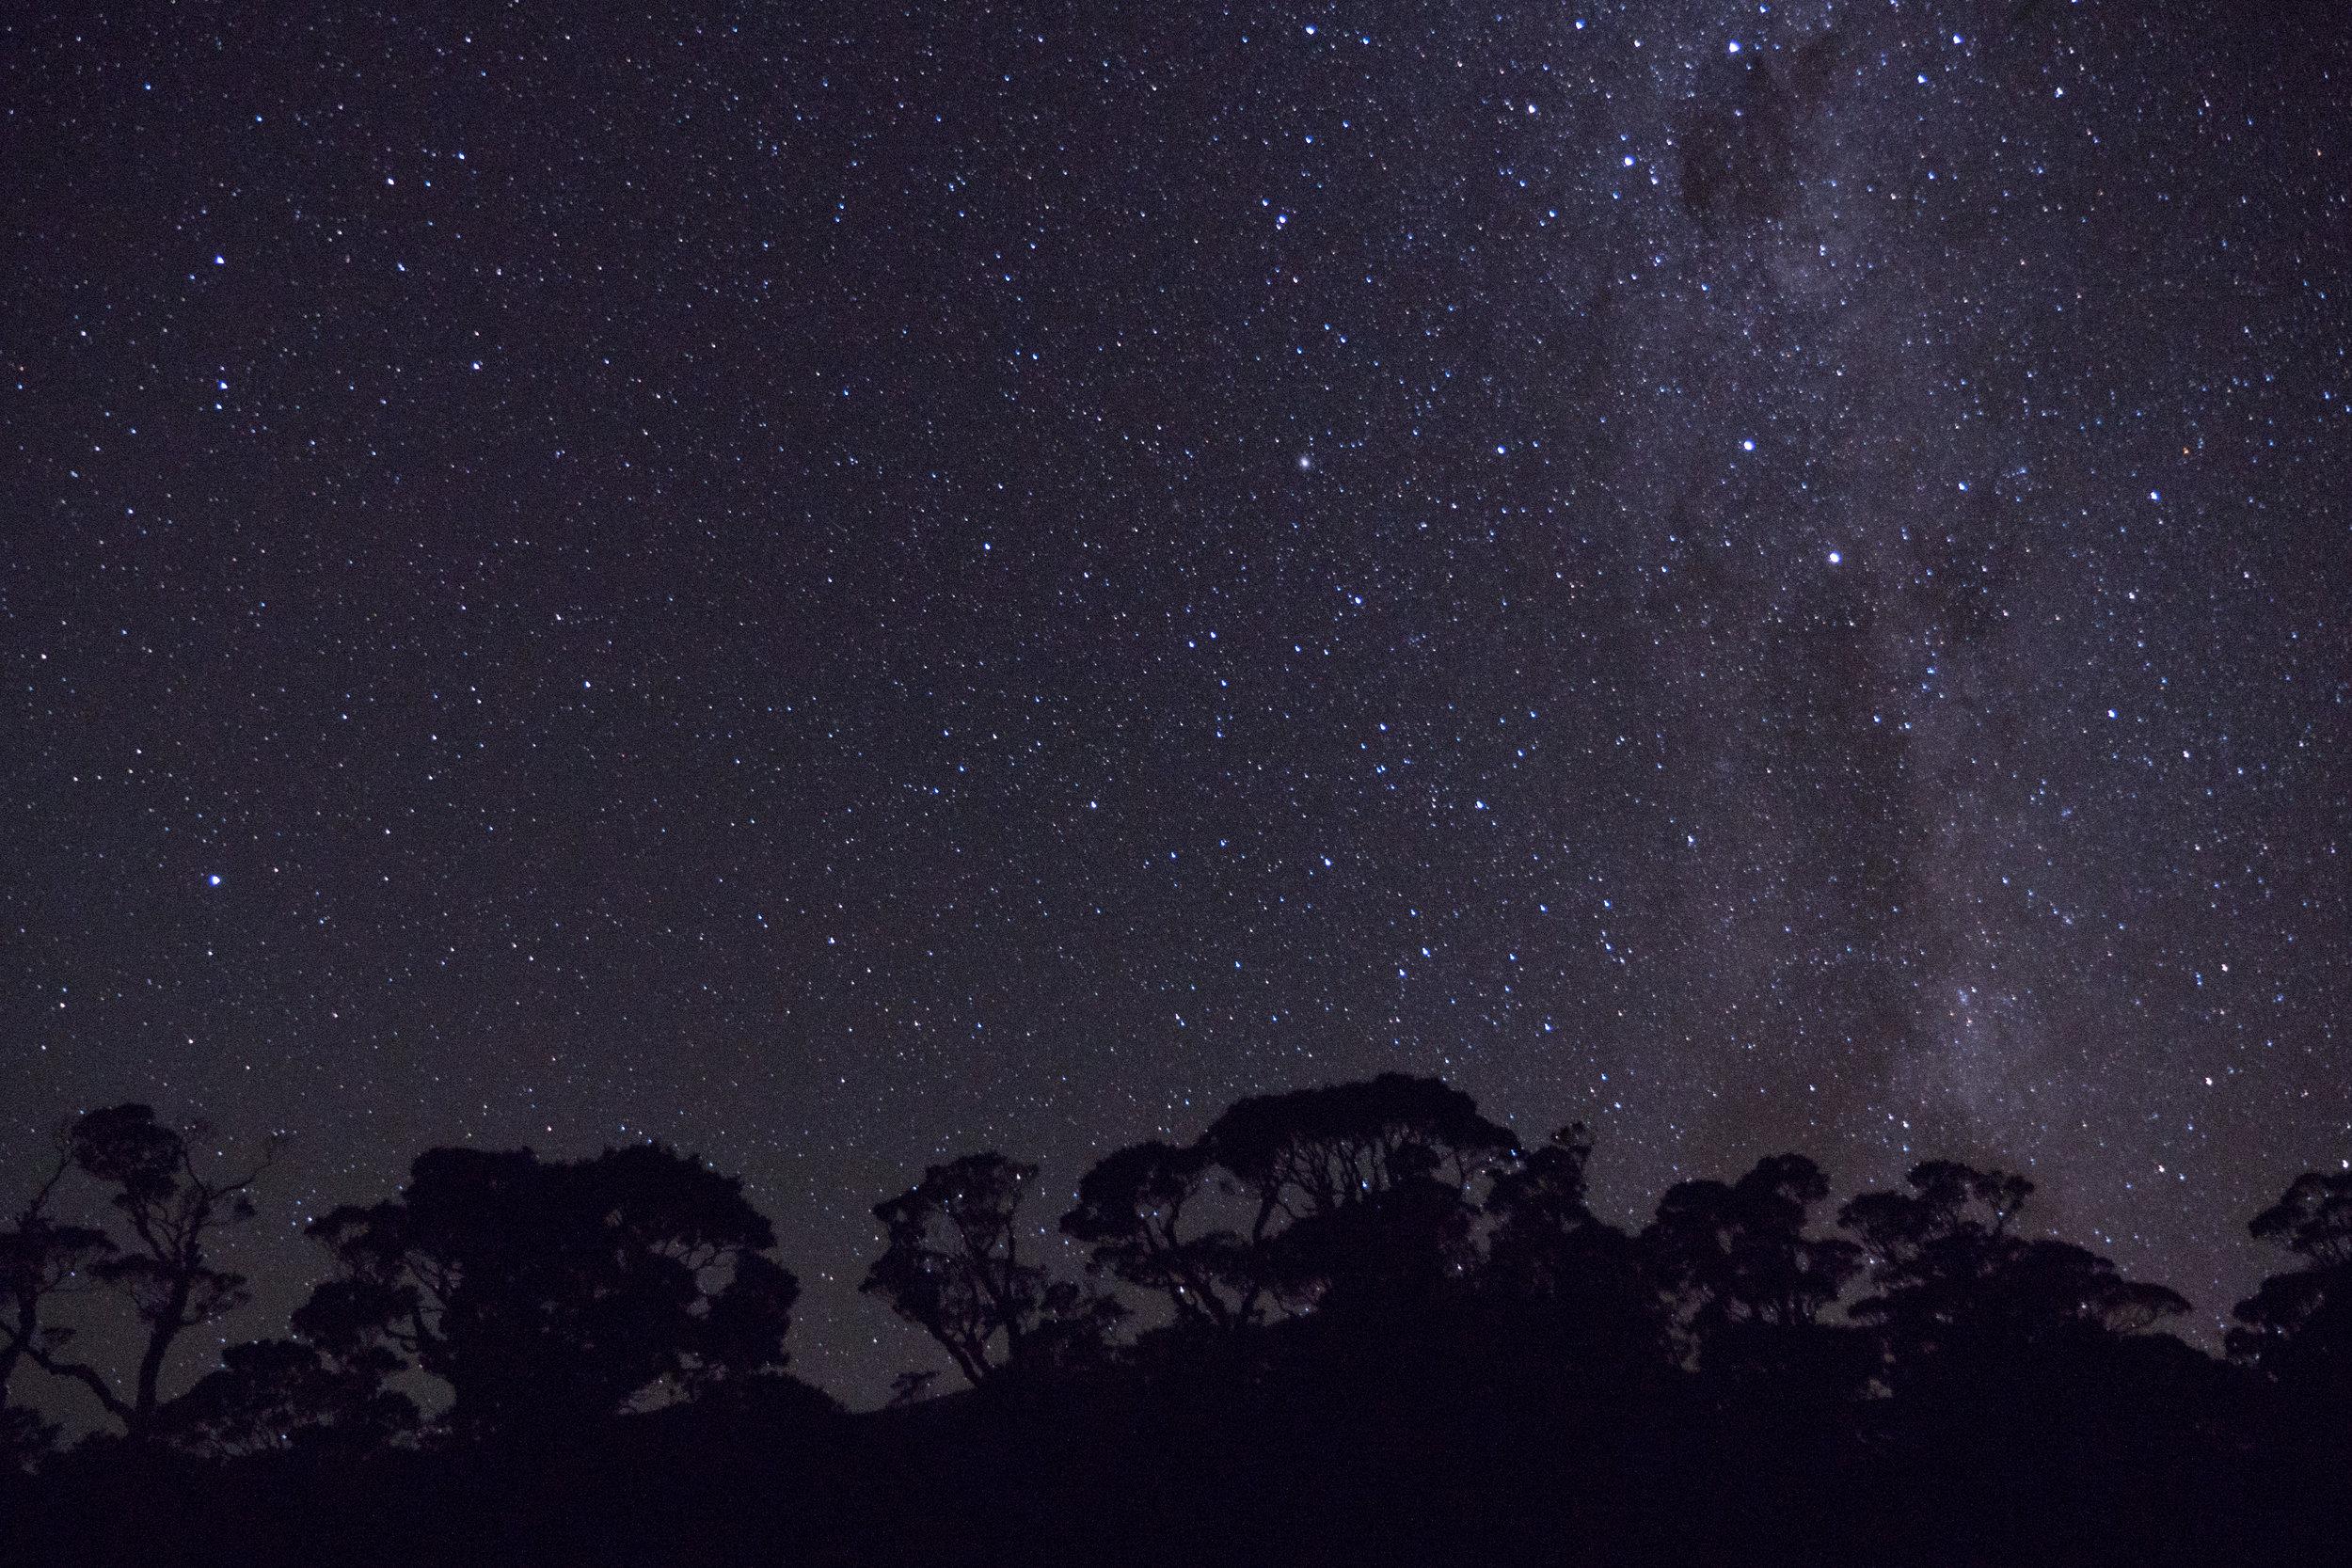 Stars, Lyell Saddle Hut